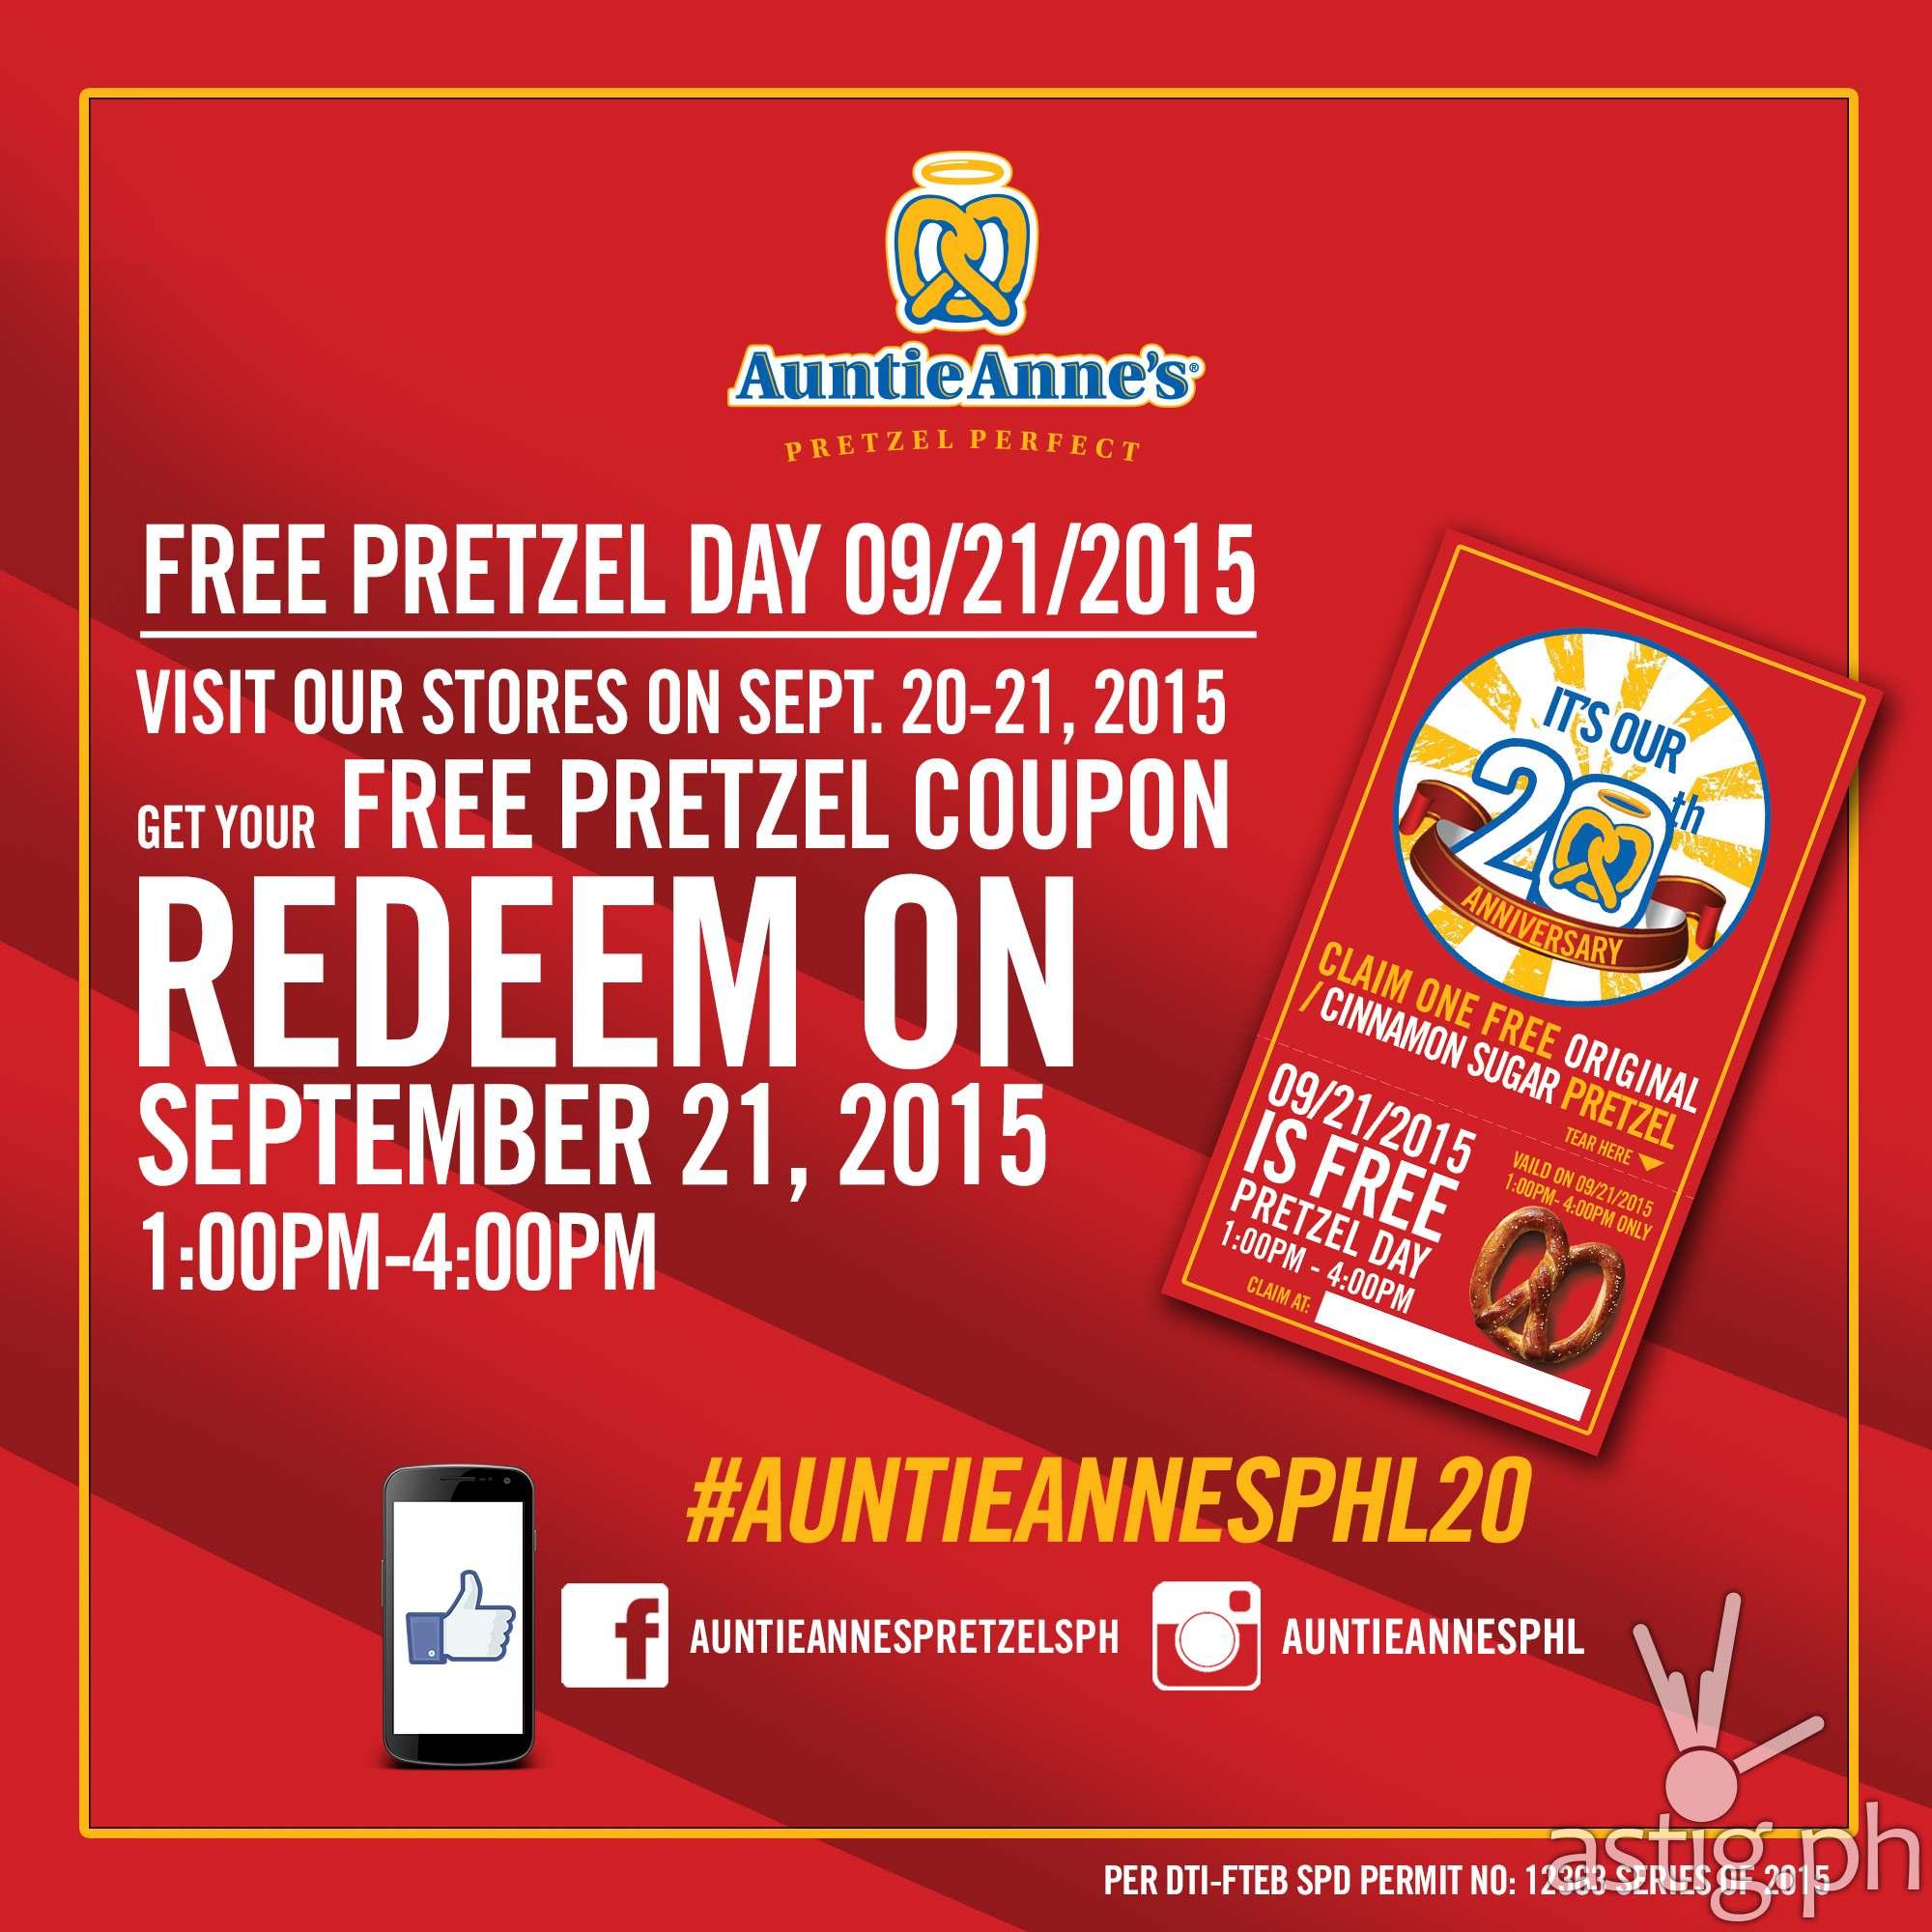 Auntie Anne's Free Pretzel Photo